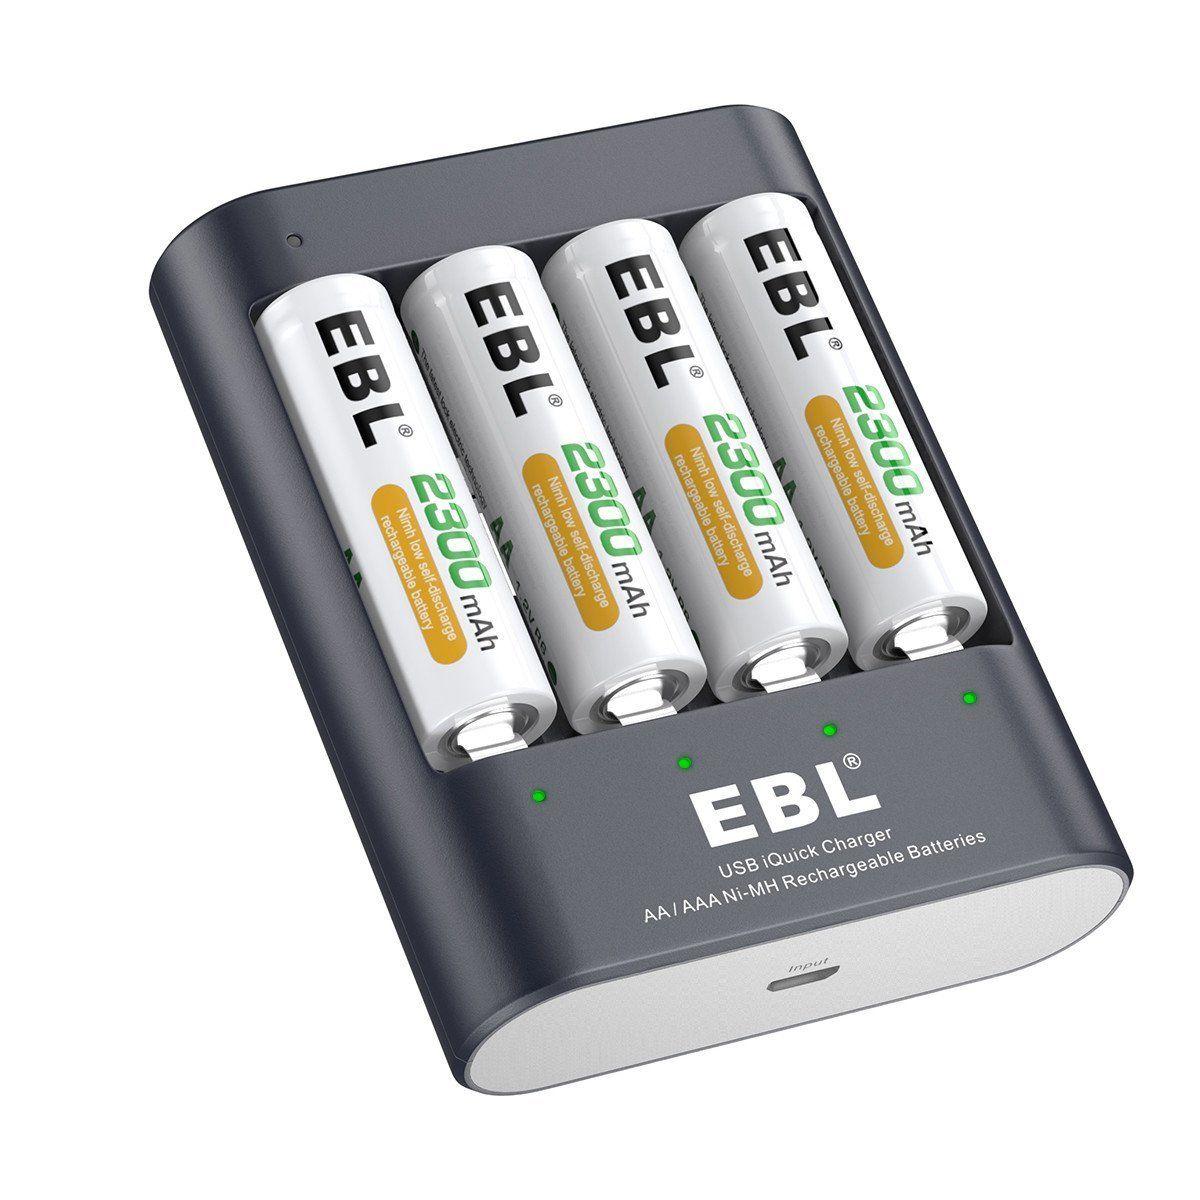 Ebl Aaa Batteries Review Rechargeable Batteries Usb Design Unique Usb